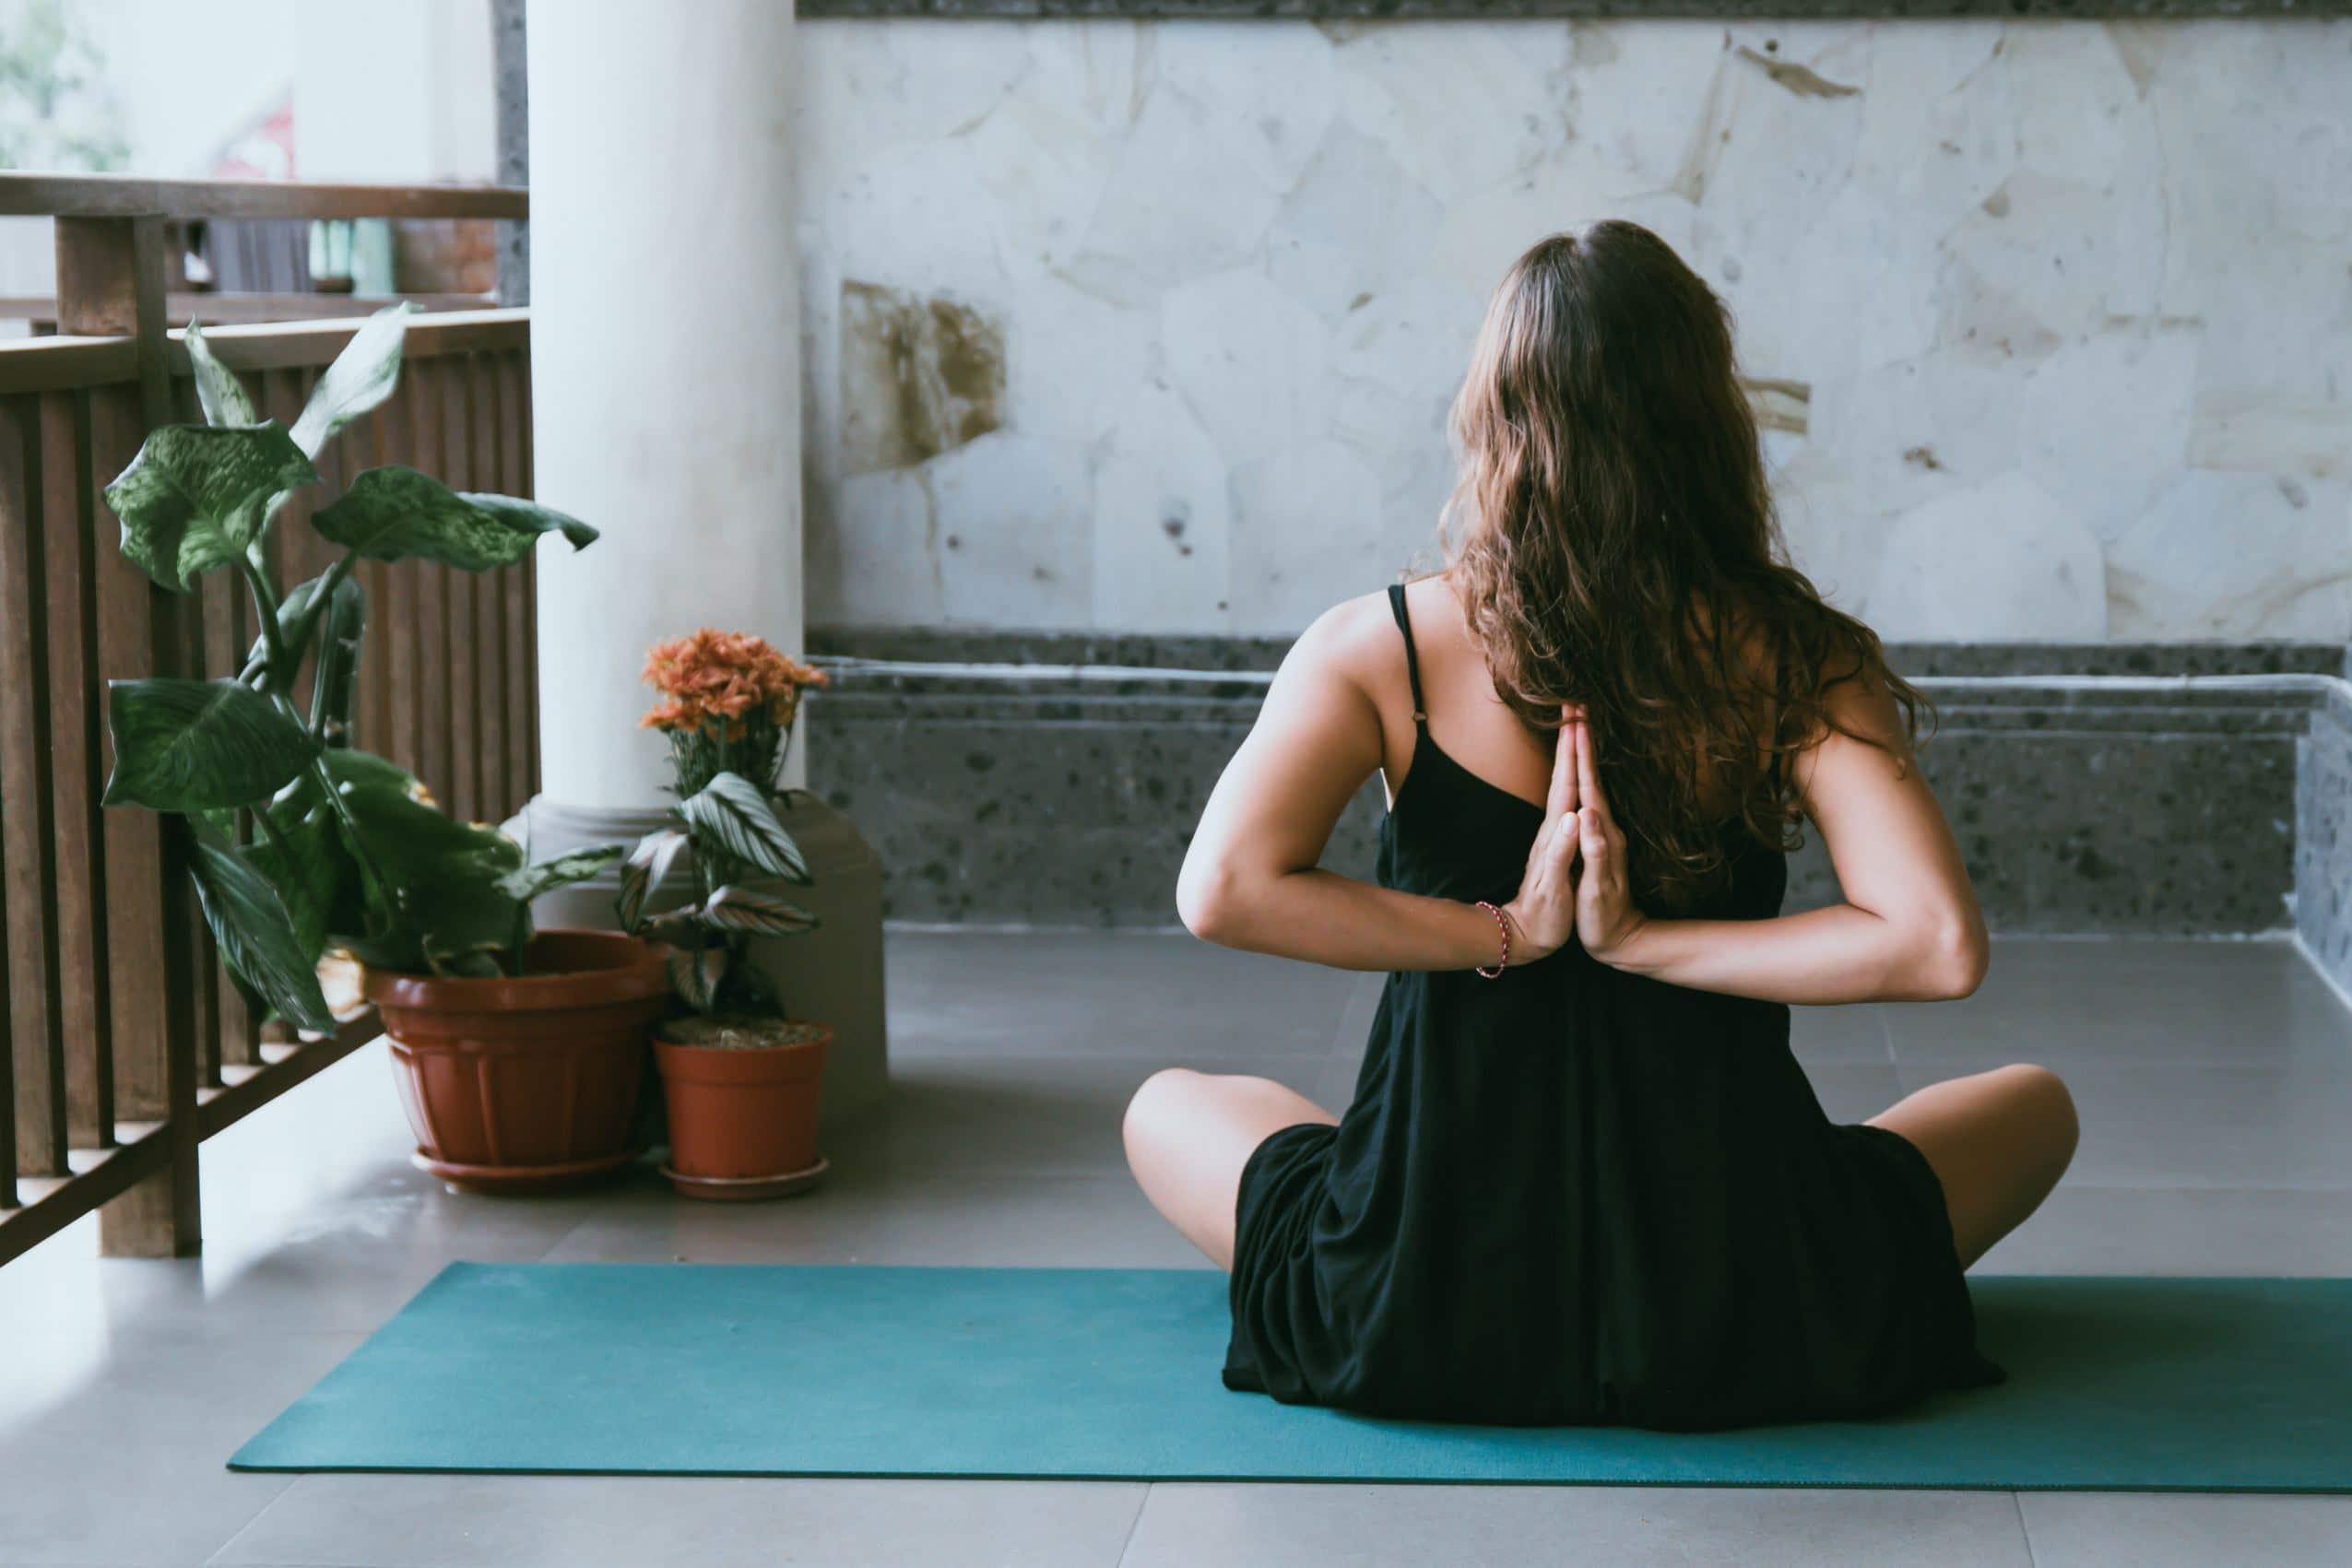 Mulher de costas em posição de meditação com braços nas costas sentada em tapete e plantas